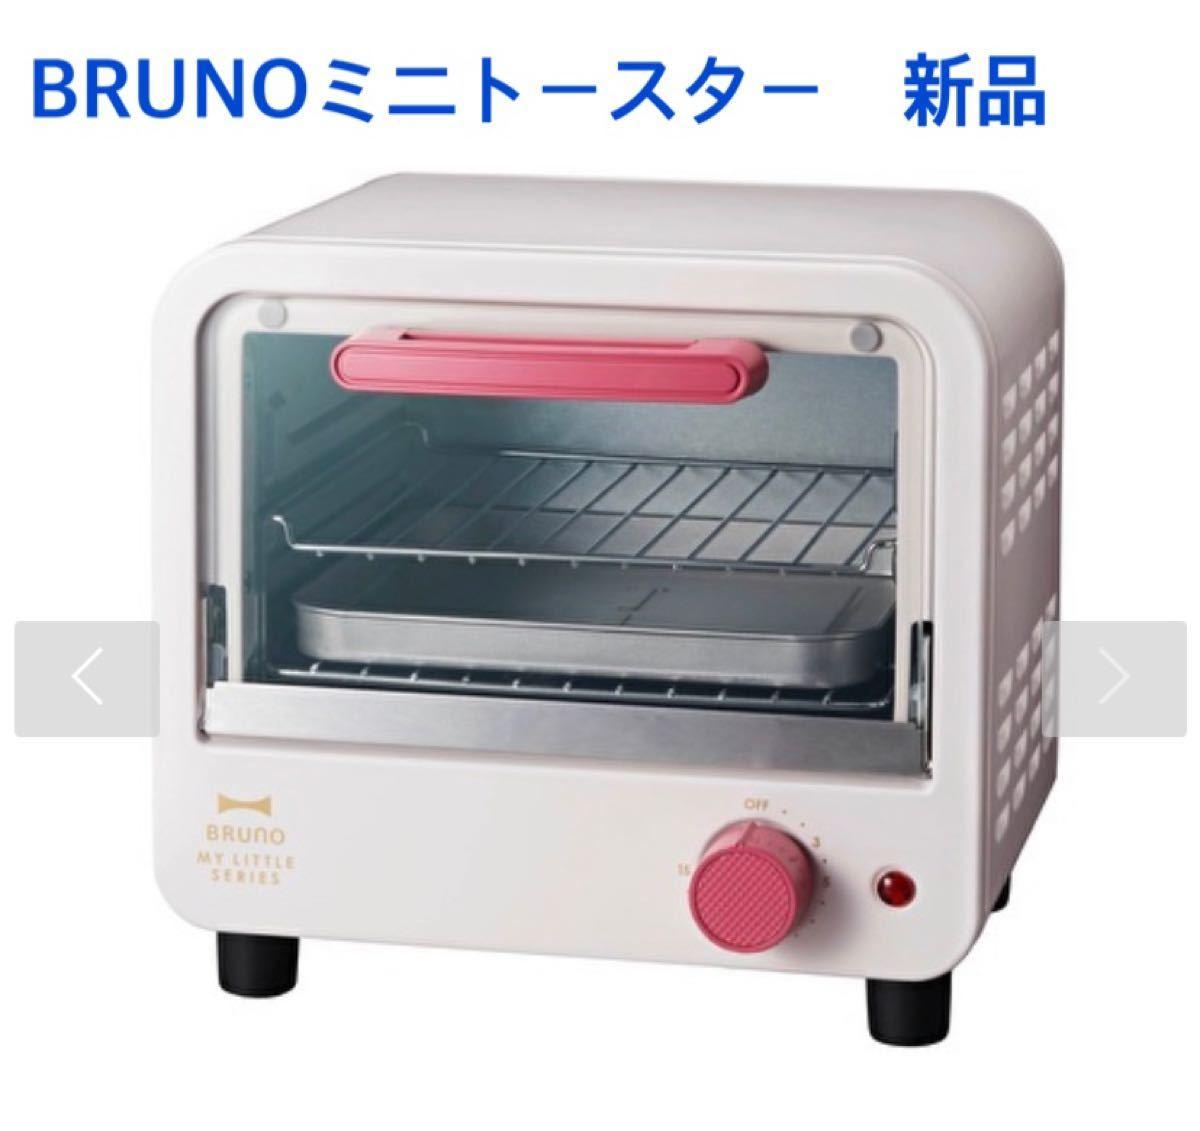 ブルーノ ミニトースター ピンク 新品